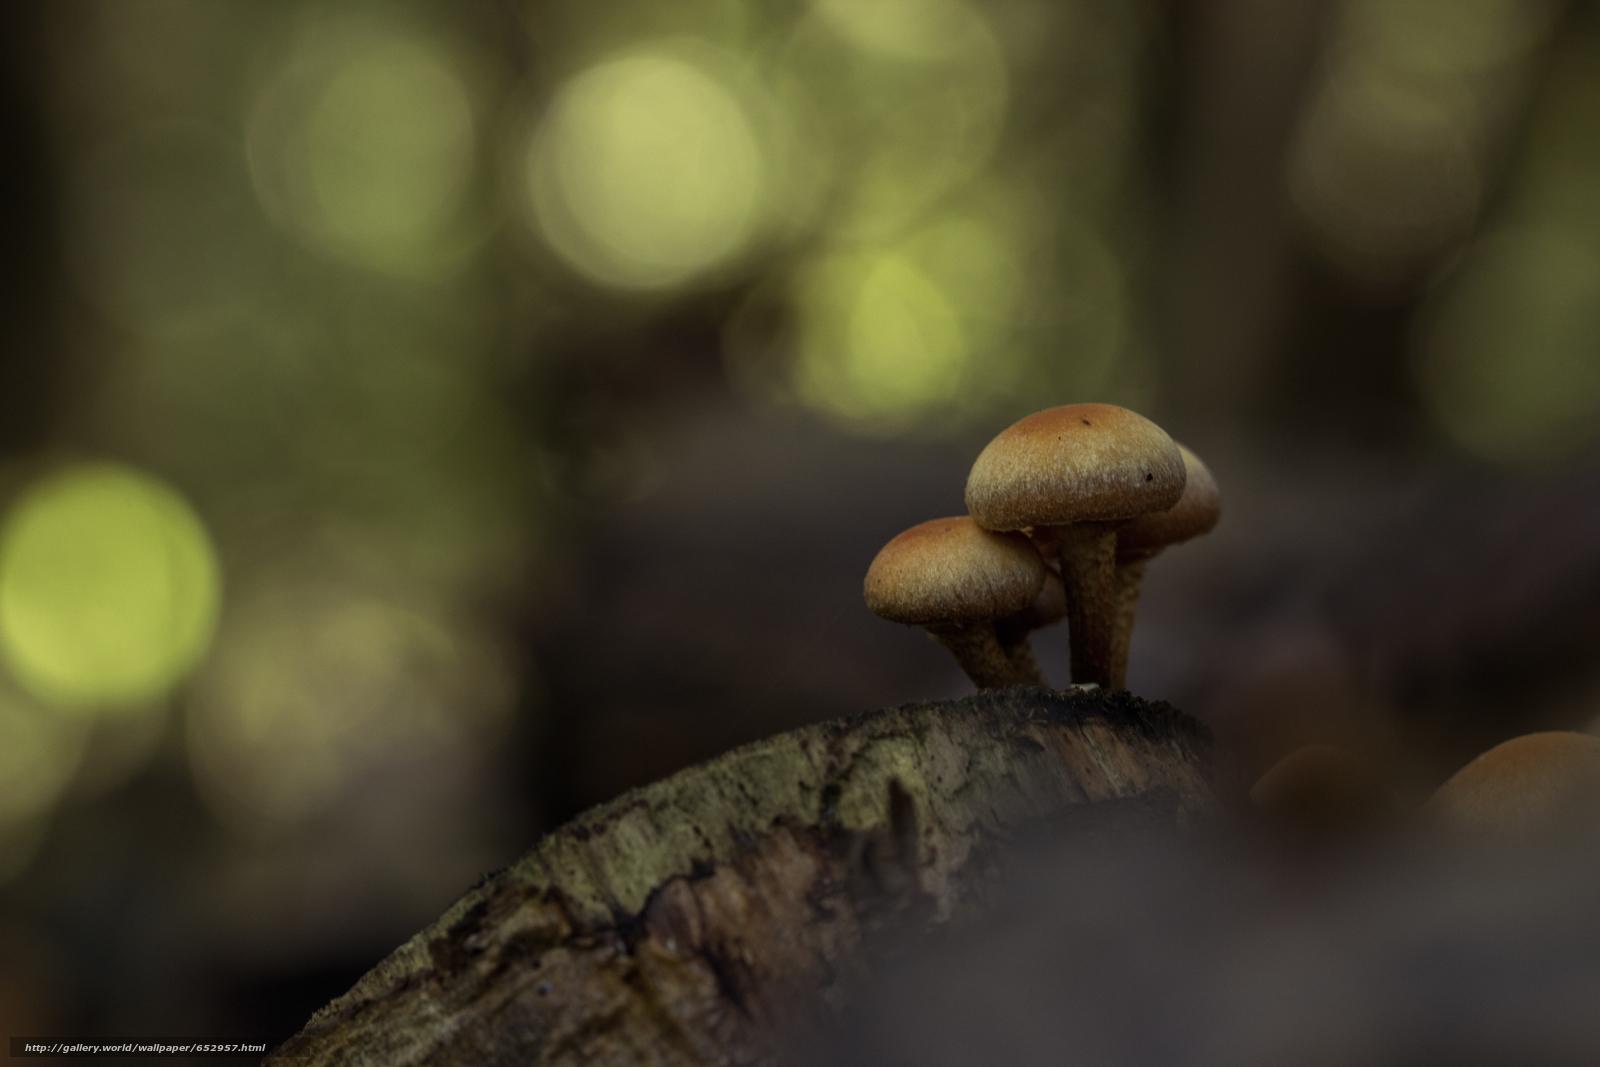 Скачать обои грибы,  гриб,  макро бесплатно для рабочего стола в разрешении 5184x3456 — картинка №652957